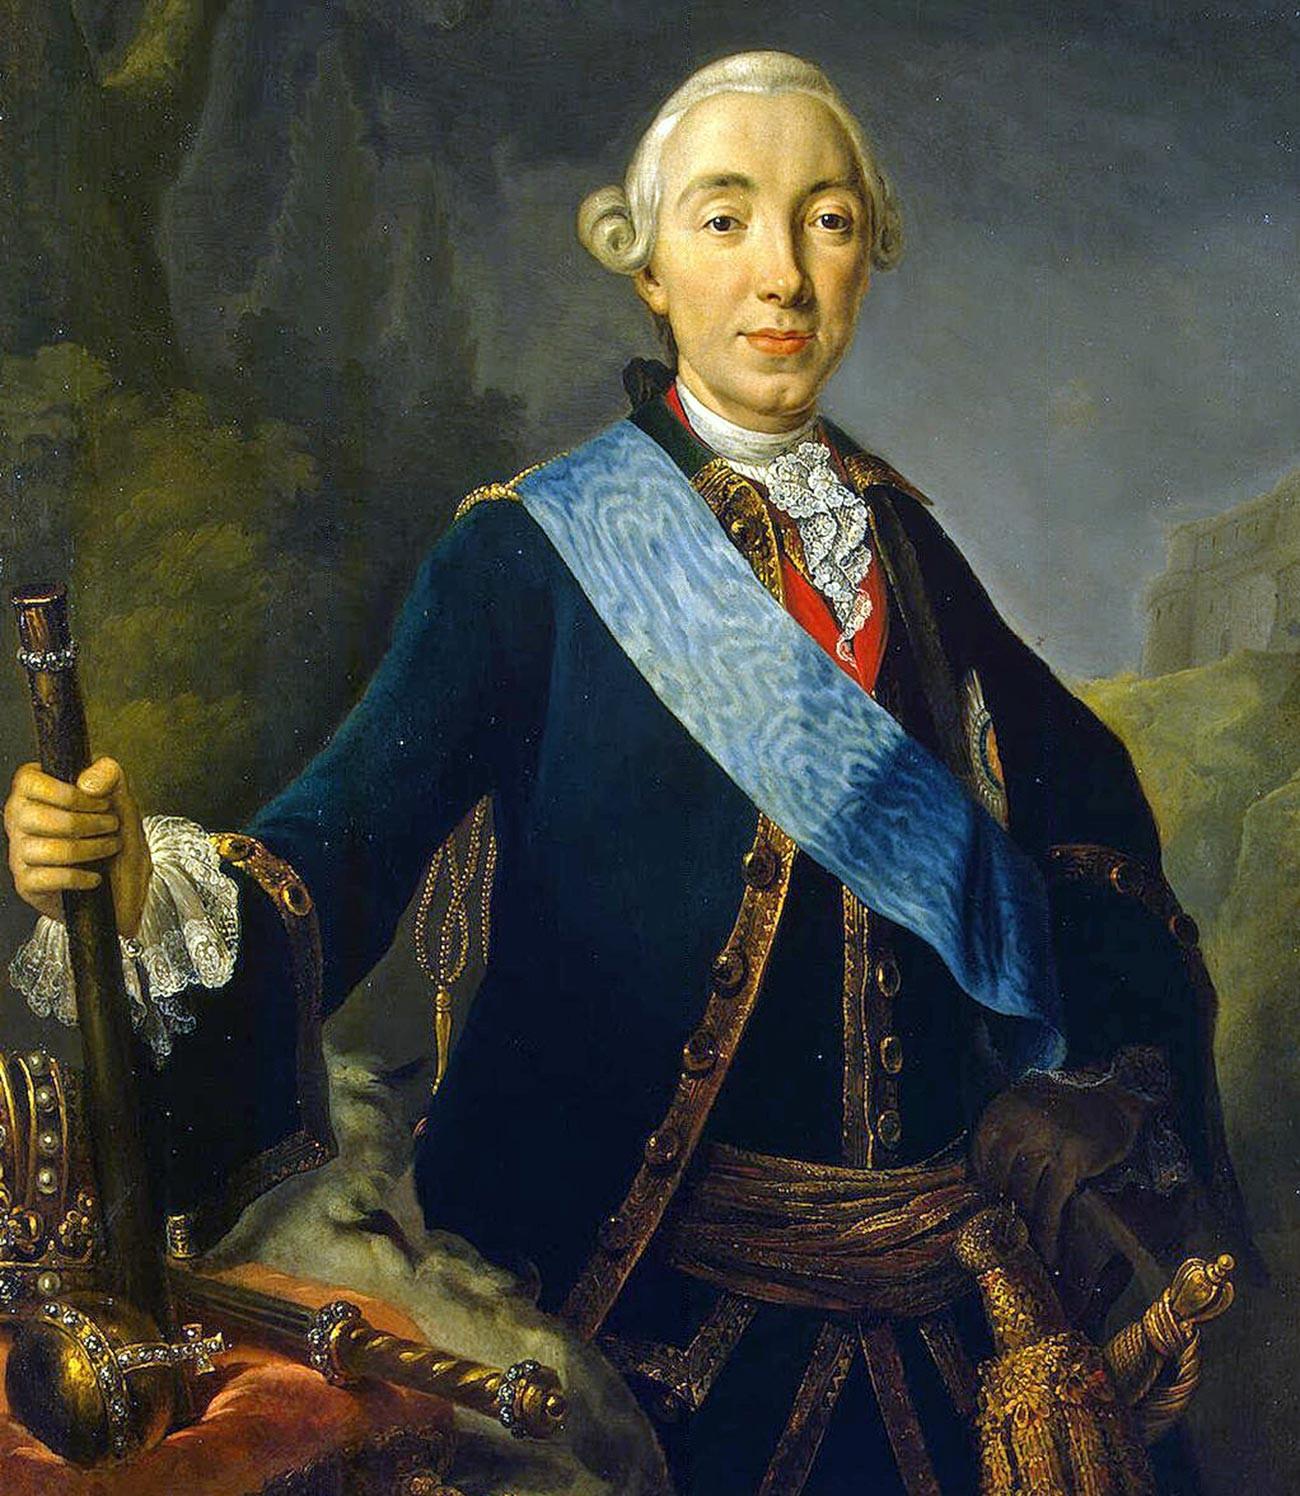 Pierre III né Karl Peter Ulrich de Holstein-Gottorp